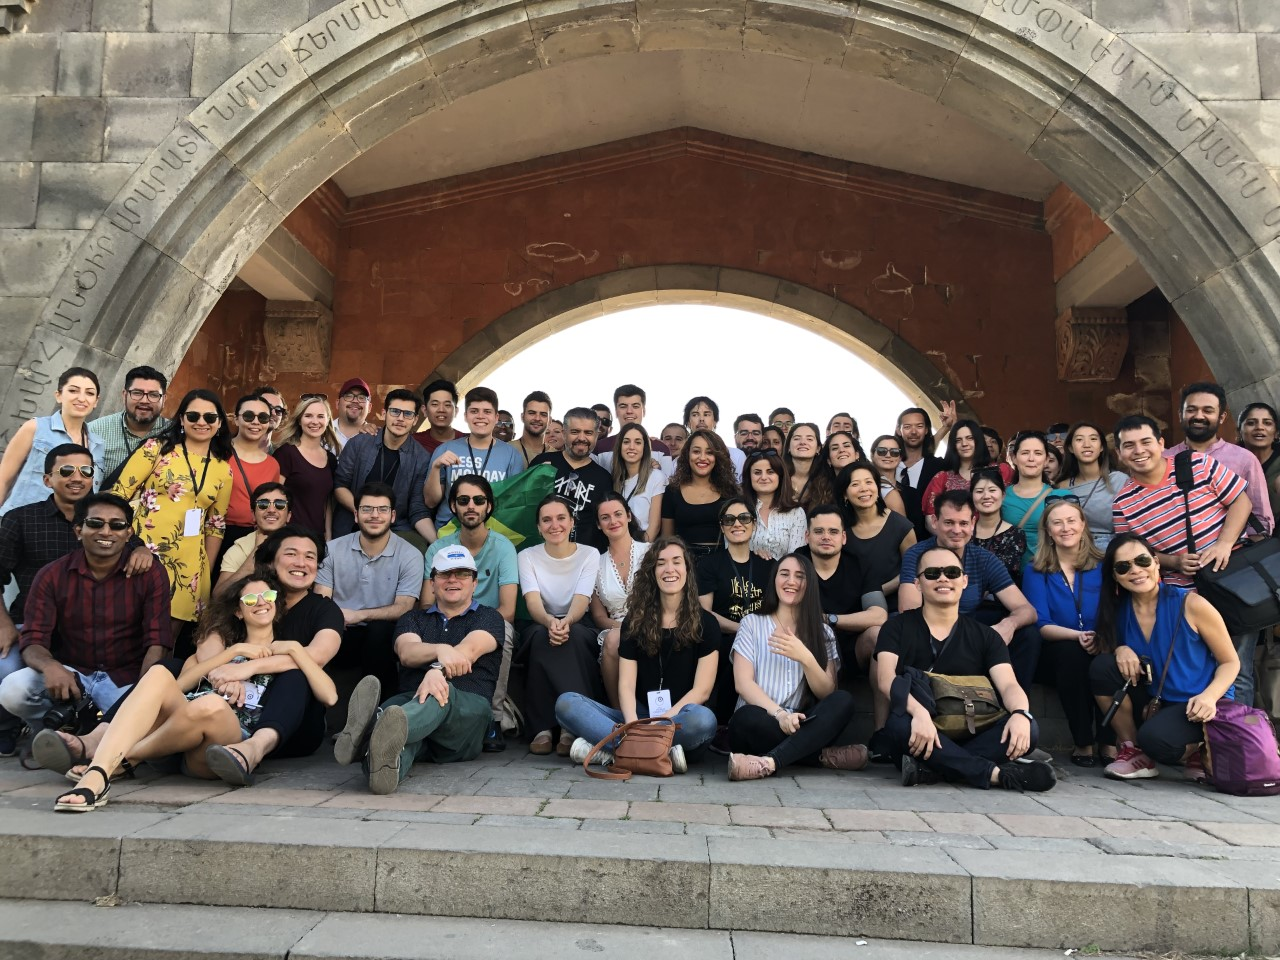 WCIT համաշխարհային նվագախմբի երաժիշտները այցելել են Մատենադարան